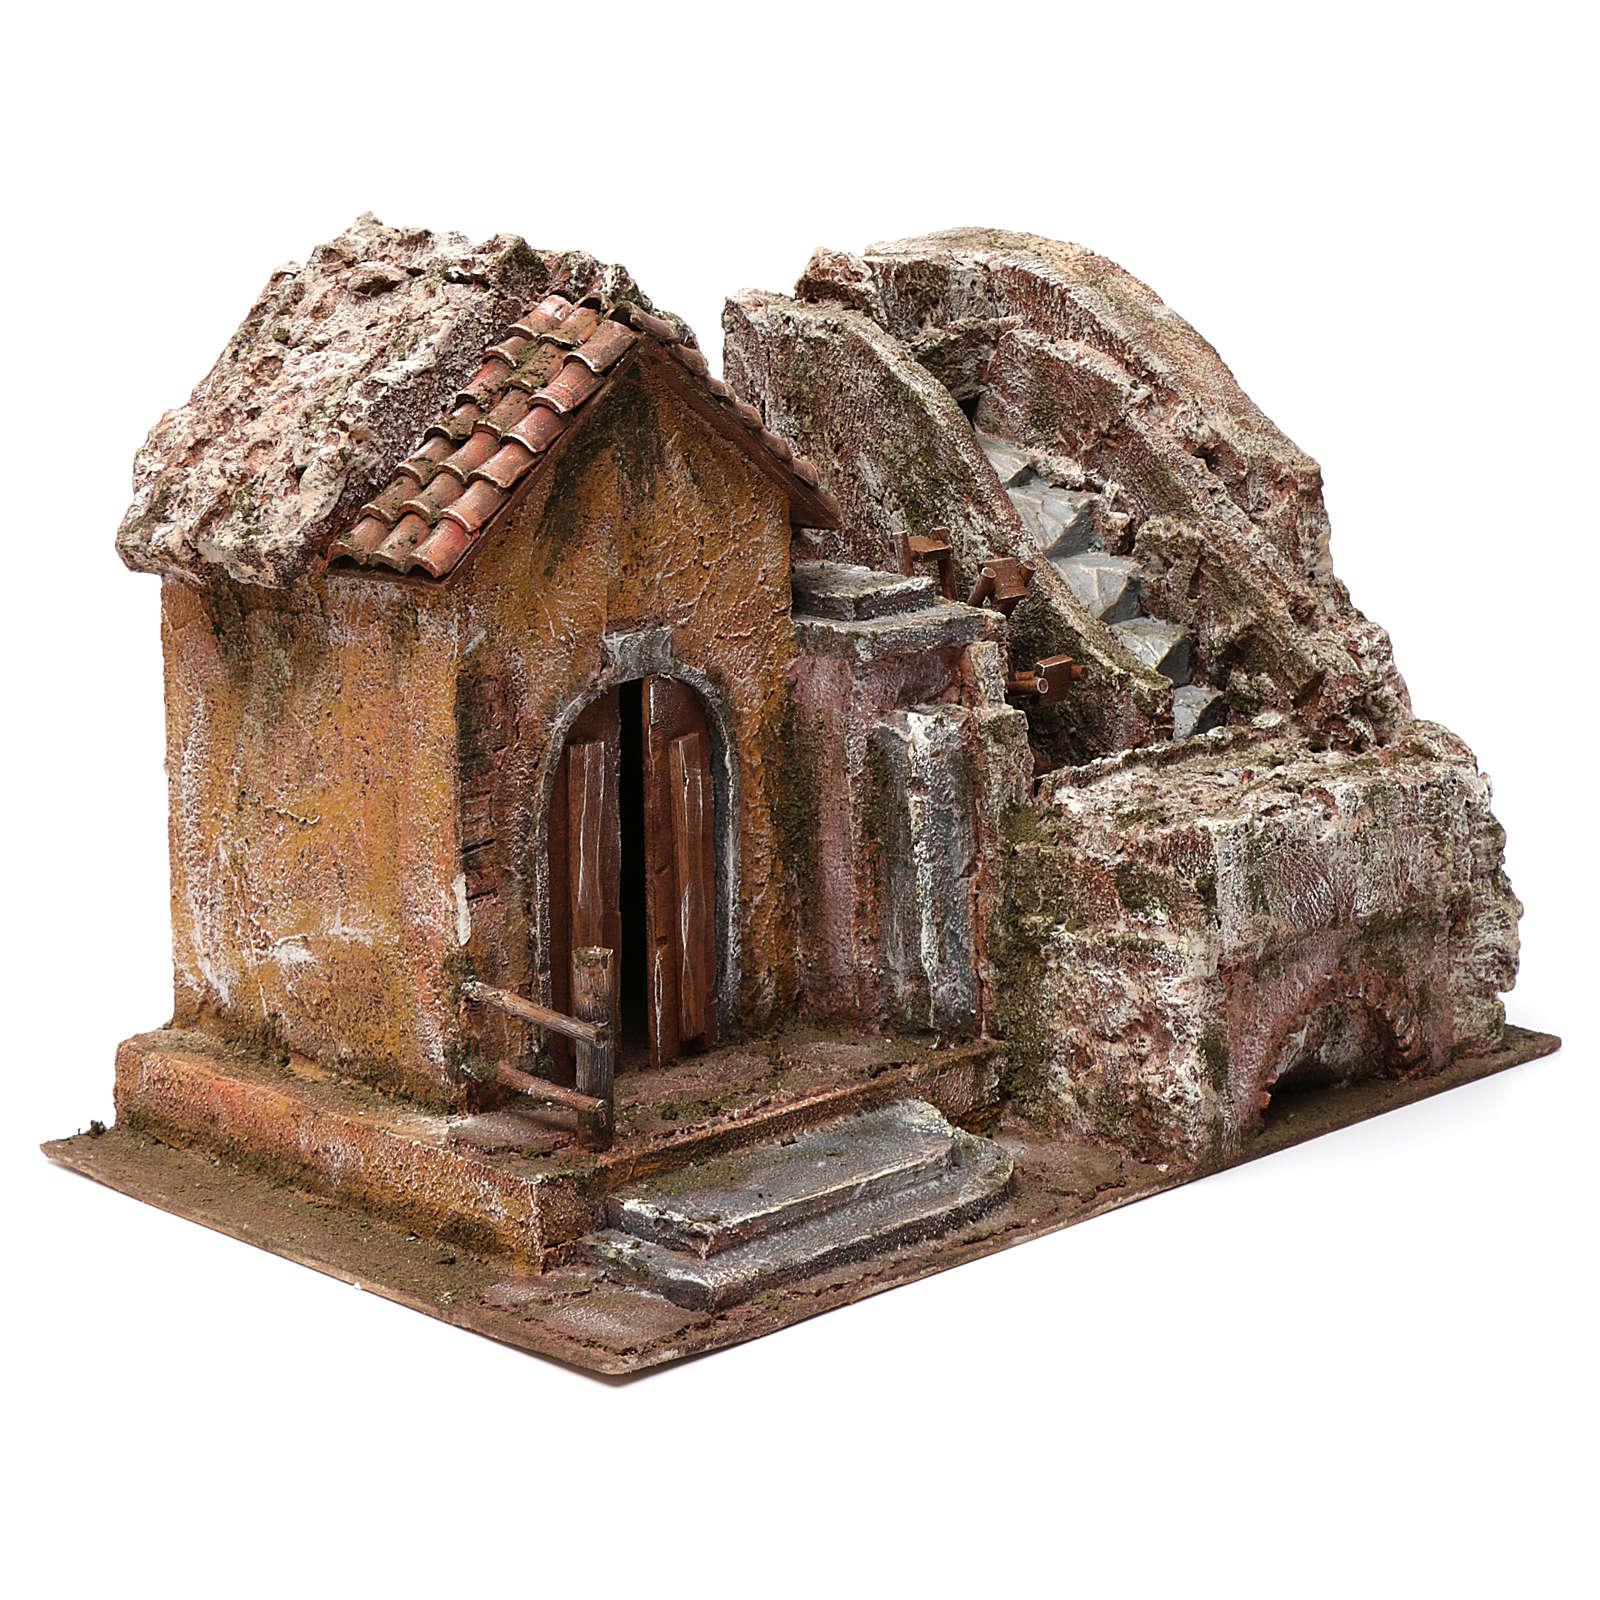 Mulino ad acqua presepe con casa a sinistra parte di montagna sopra tetto con tegole 45X35X45 4